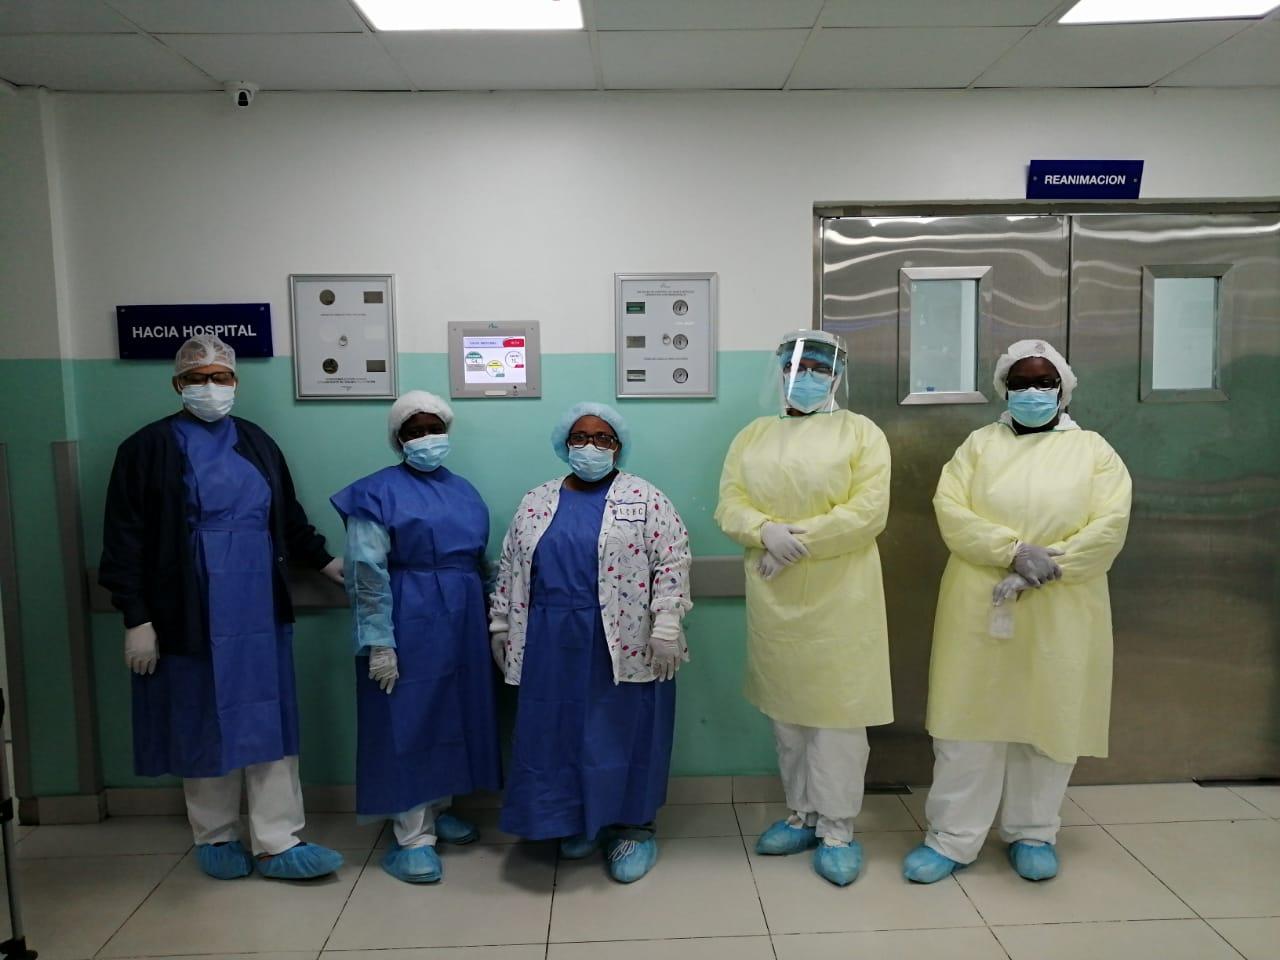 SNS destaca y agradece labor de Enfermeras ante pandemia, SNS destaca y agradece labor de Enfermeras ante pandemia